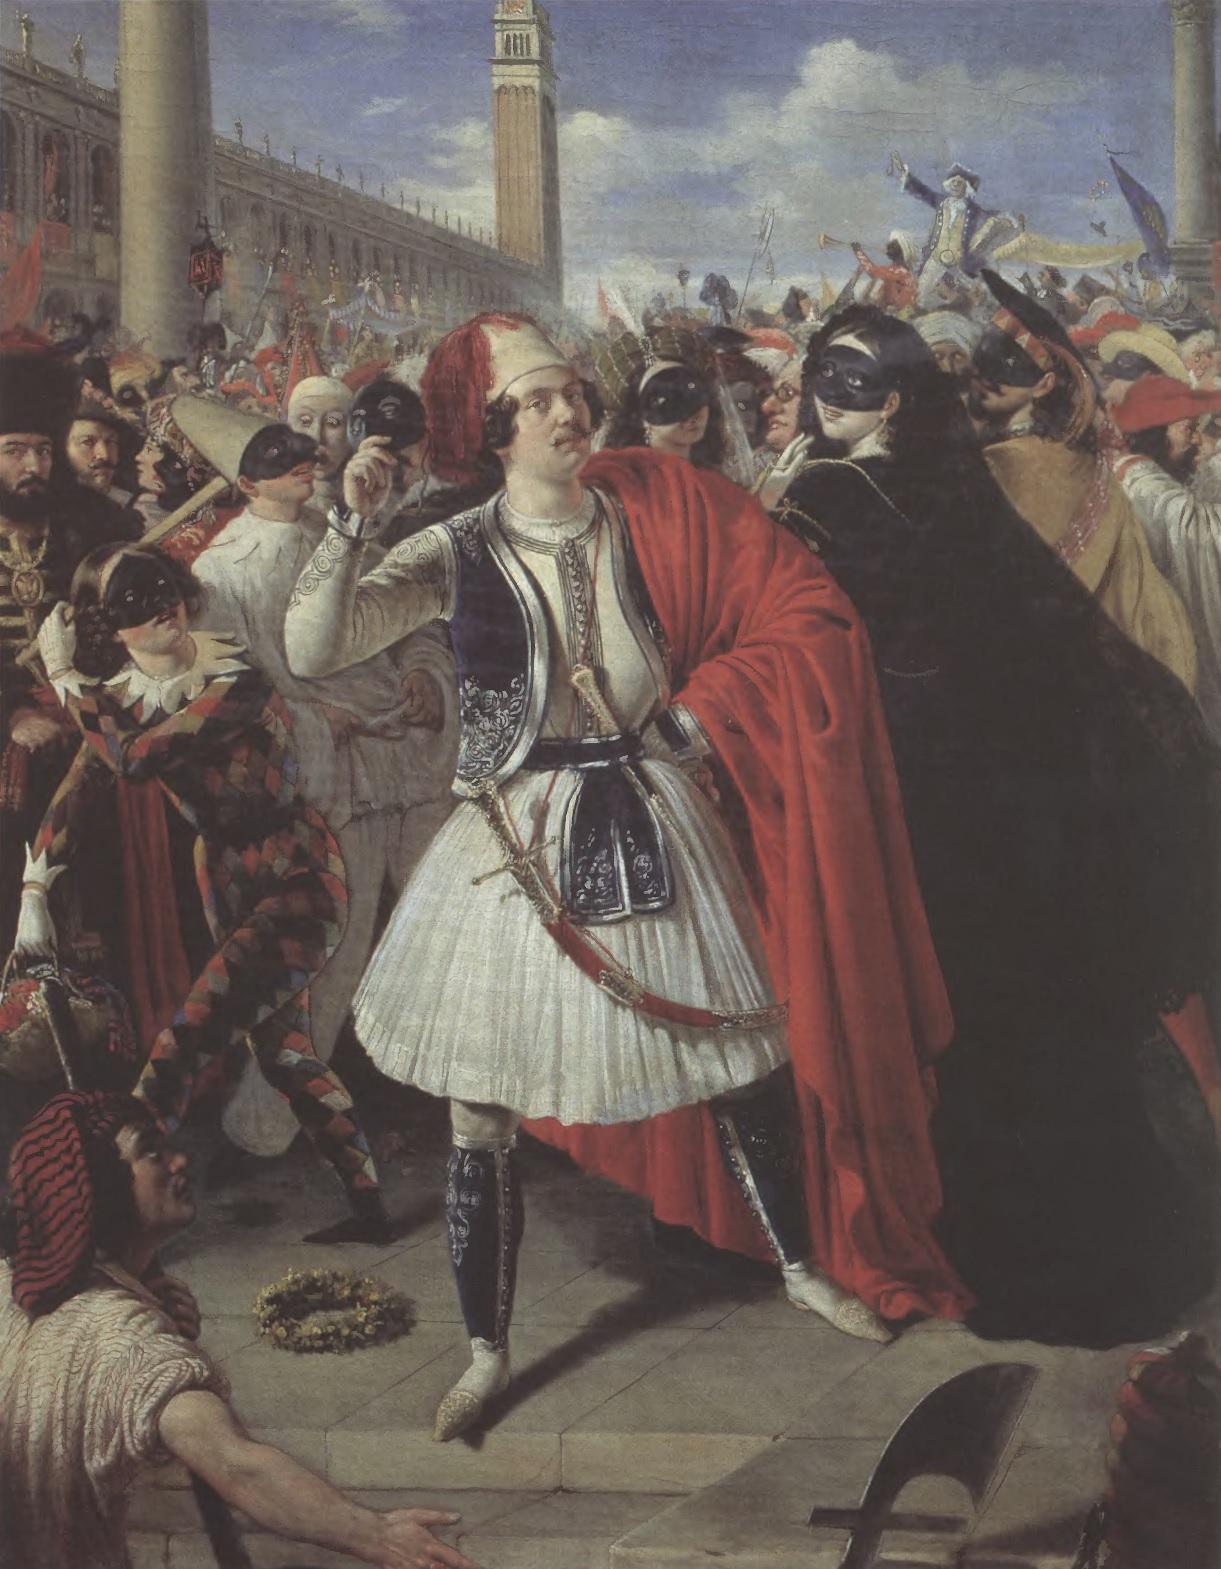 МИХАИЛ СКОТТИ. На карнавале в Венеции. 1839. Холст, масло. 71,5 х 55,3 см. Государственная Третьяковская галерея